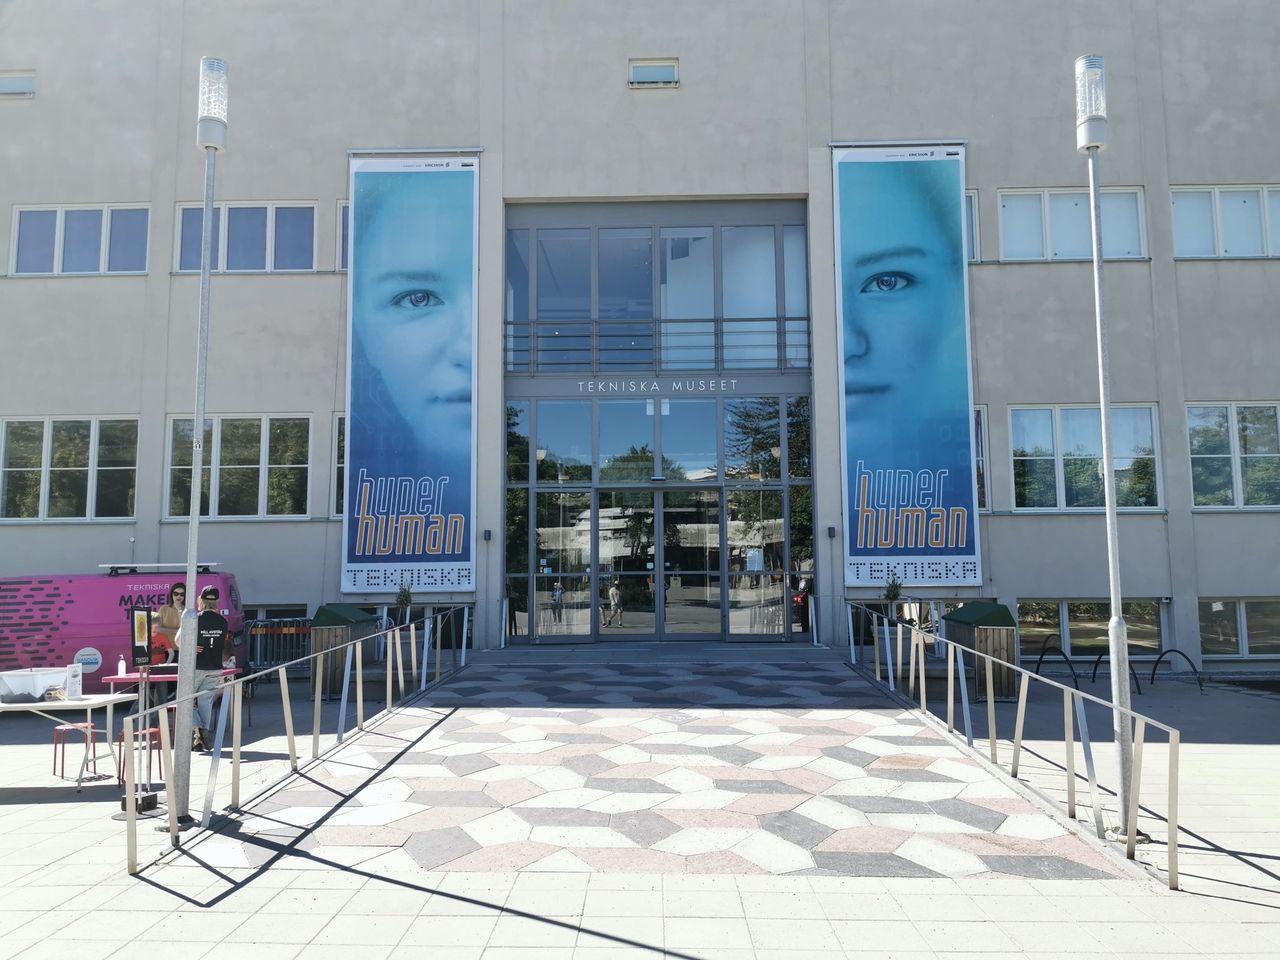 Halvering av antalet museibesök i Sverige förra året